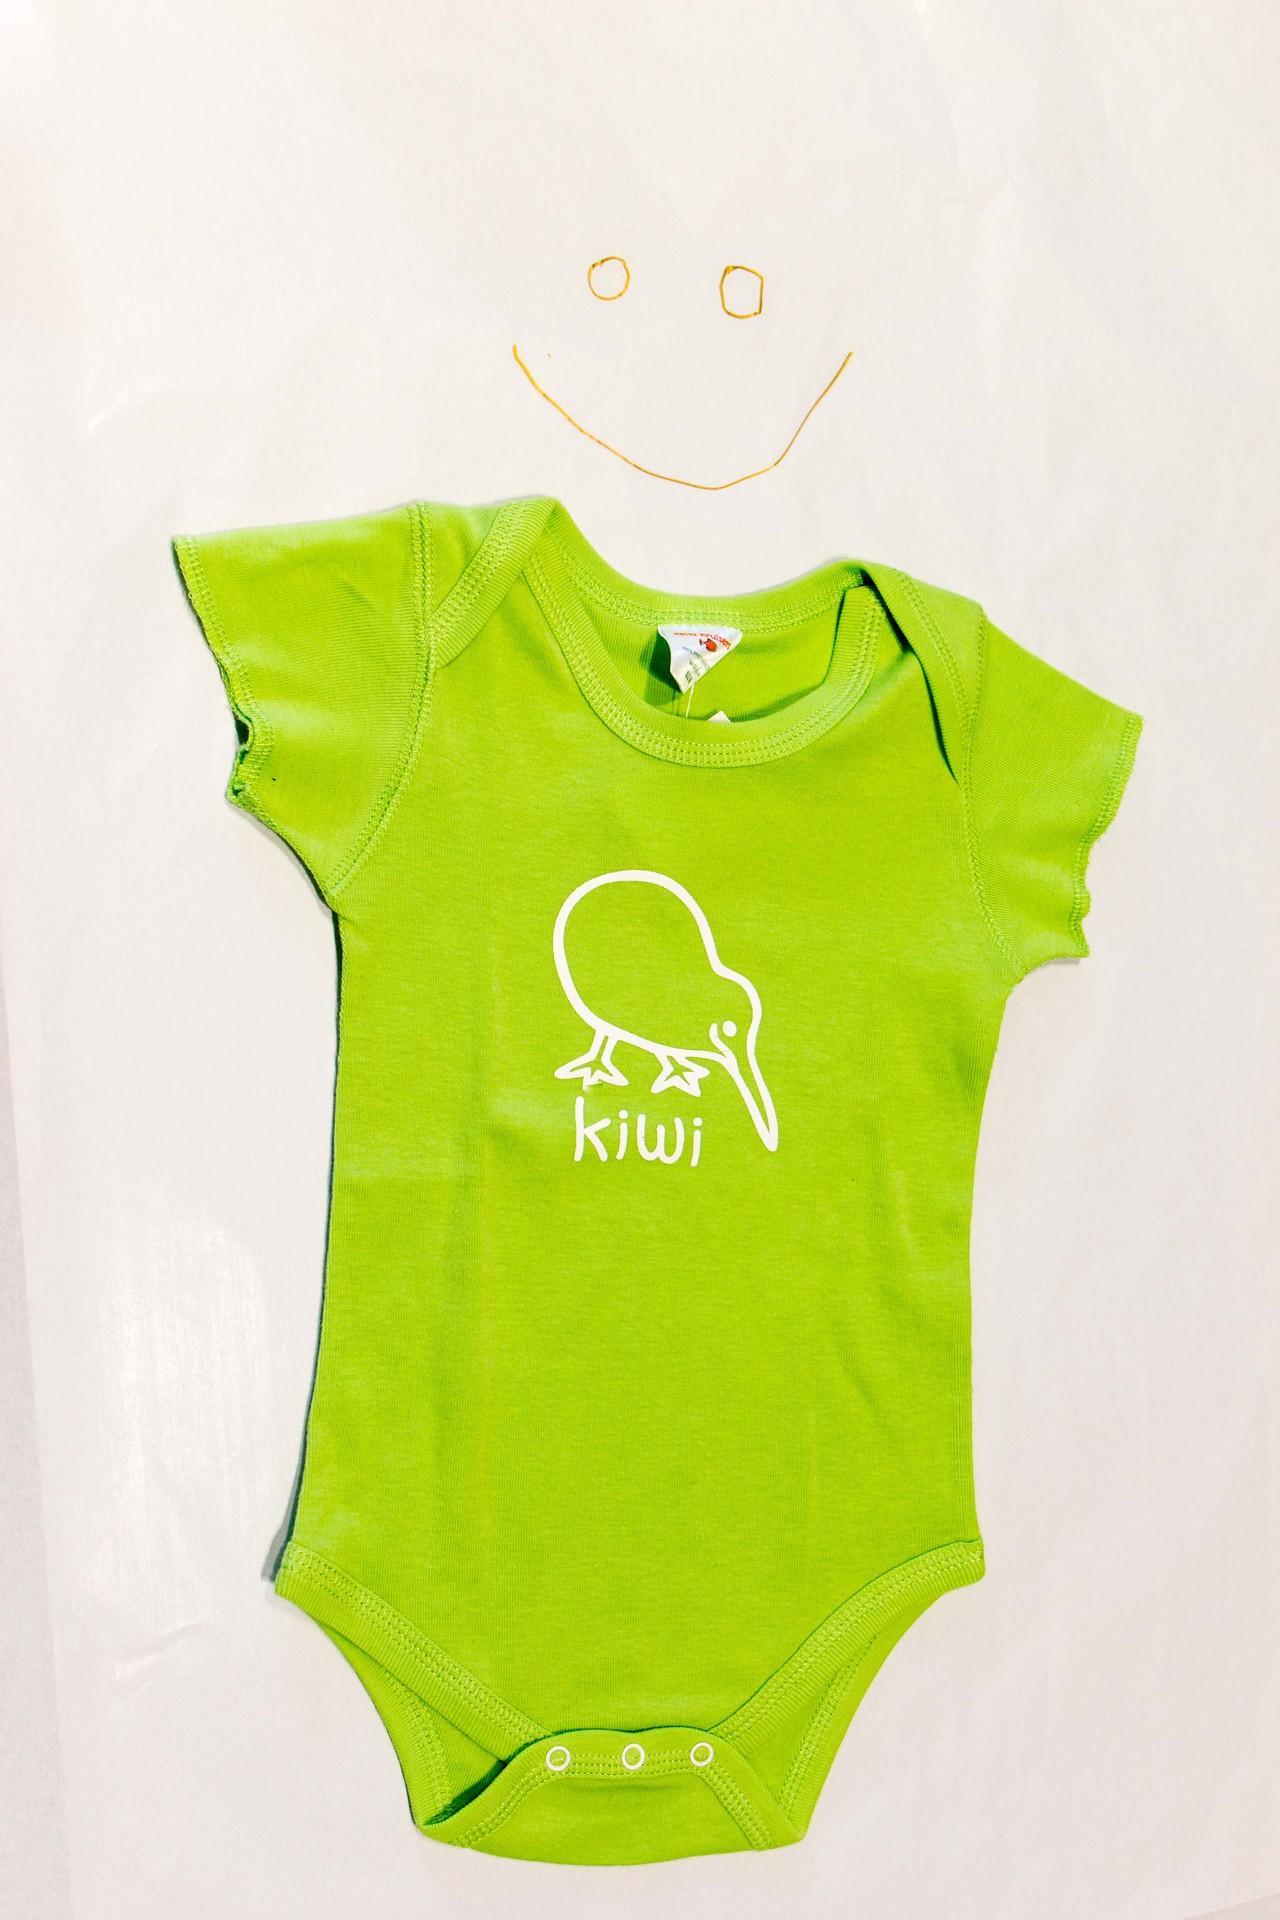 Kiwi Onesie Green 6mo